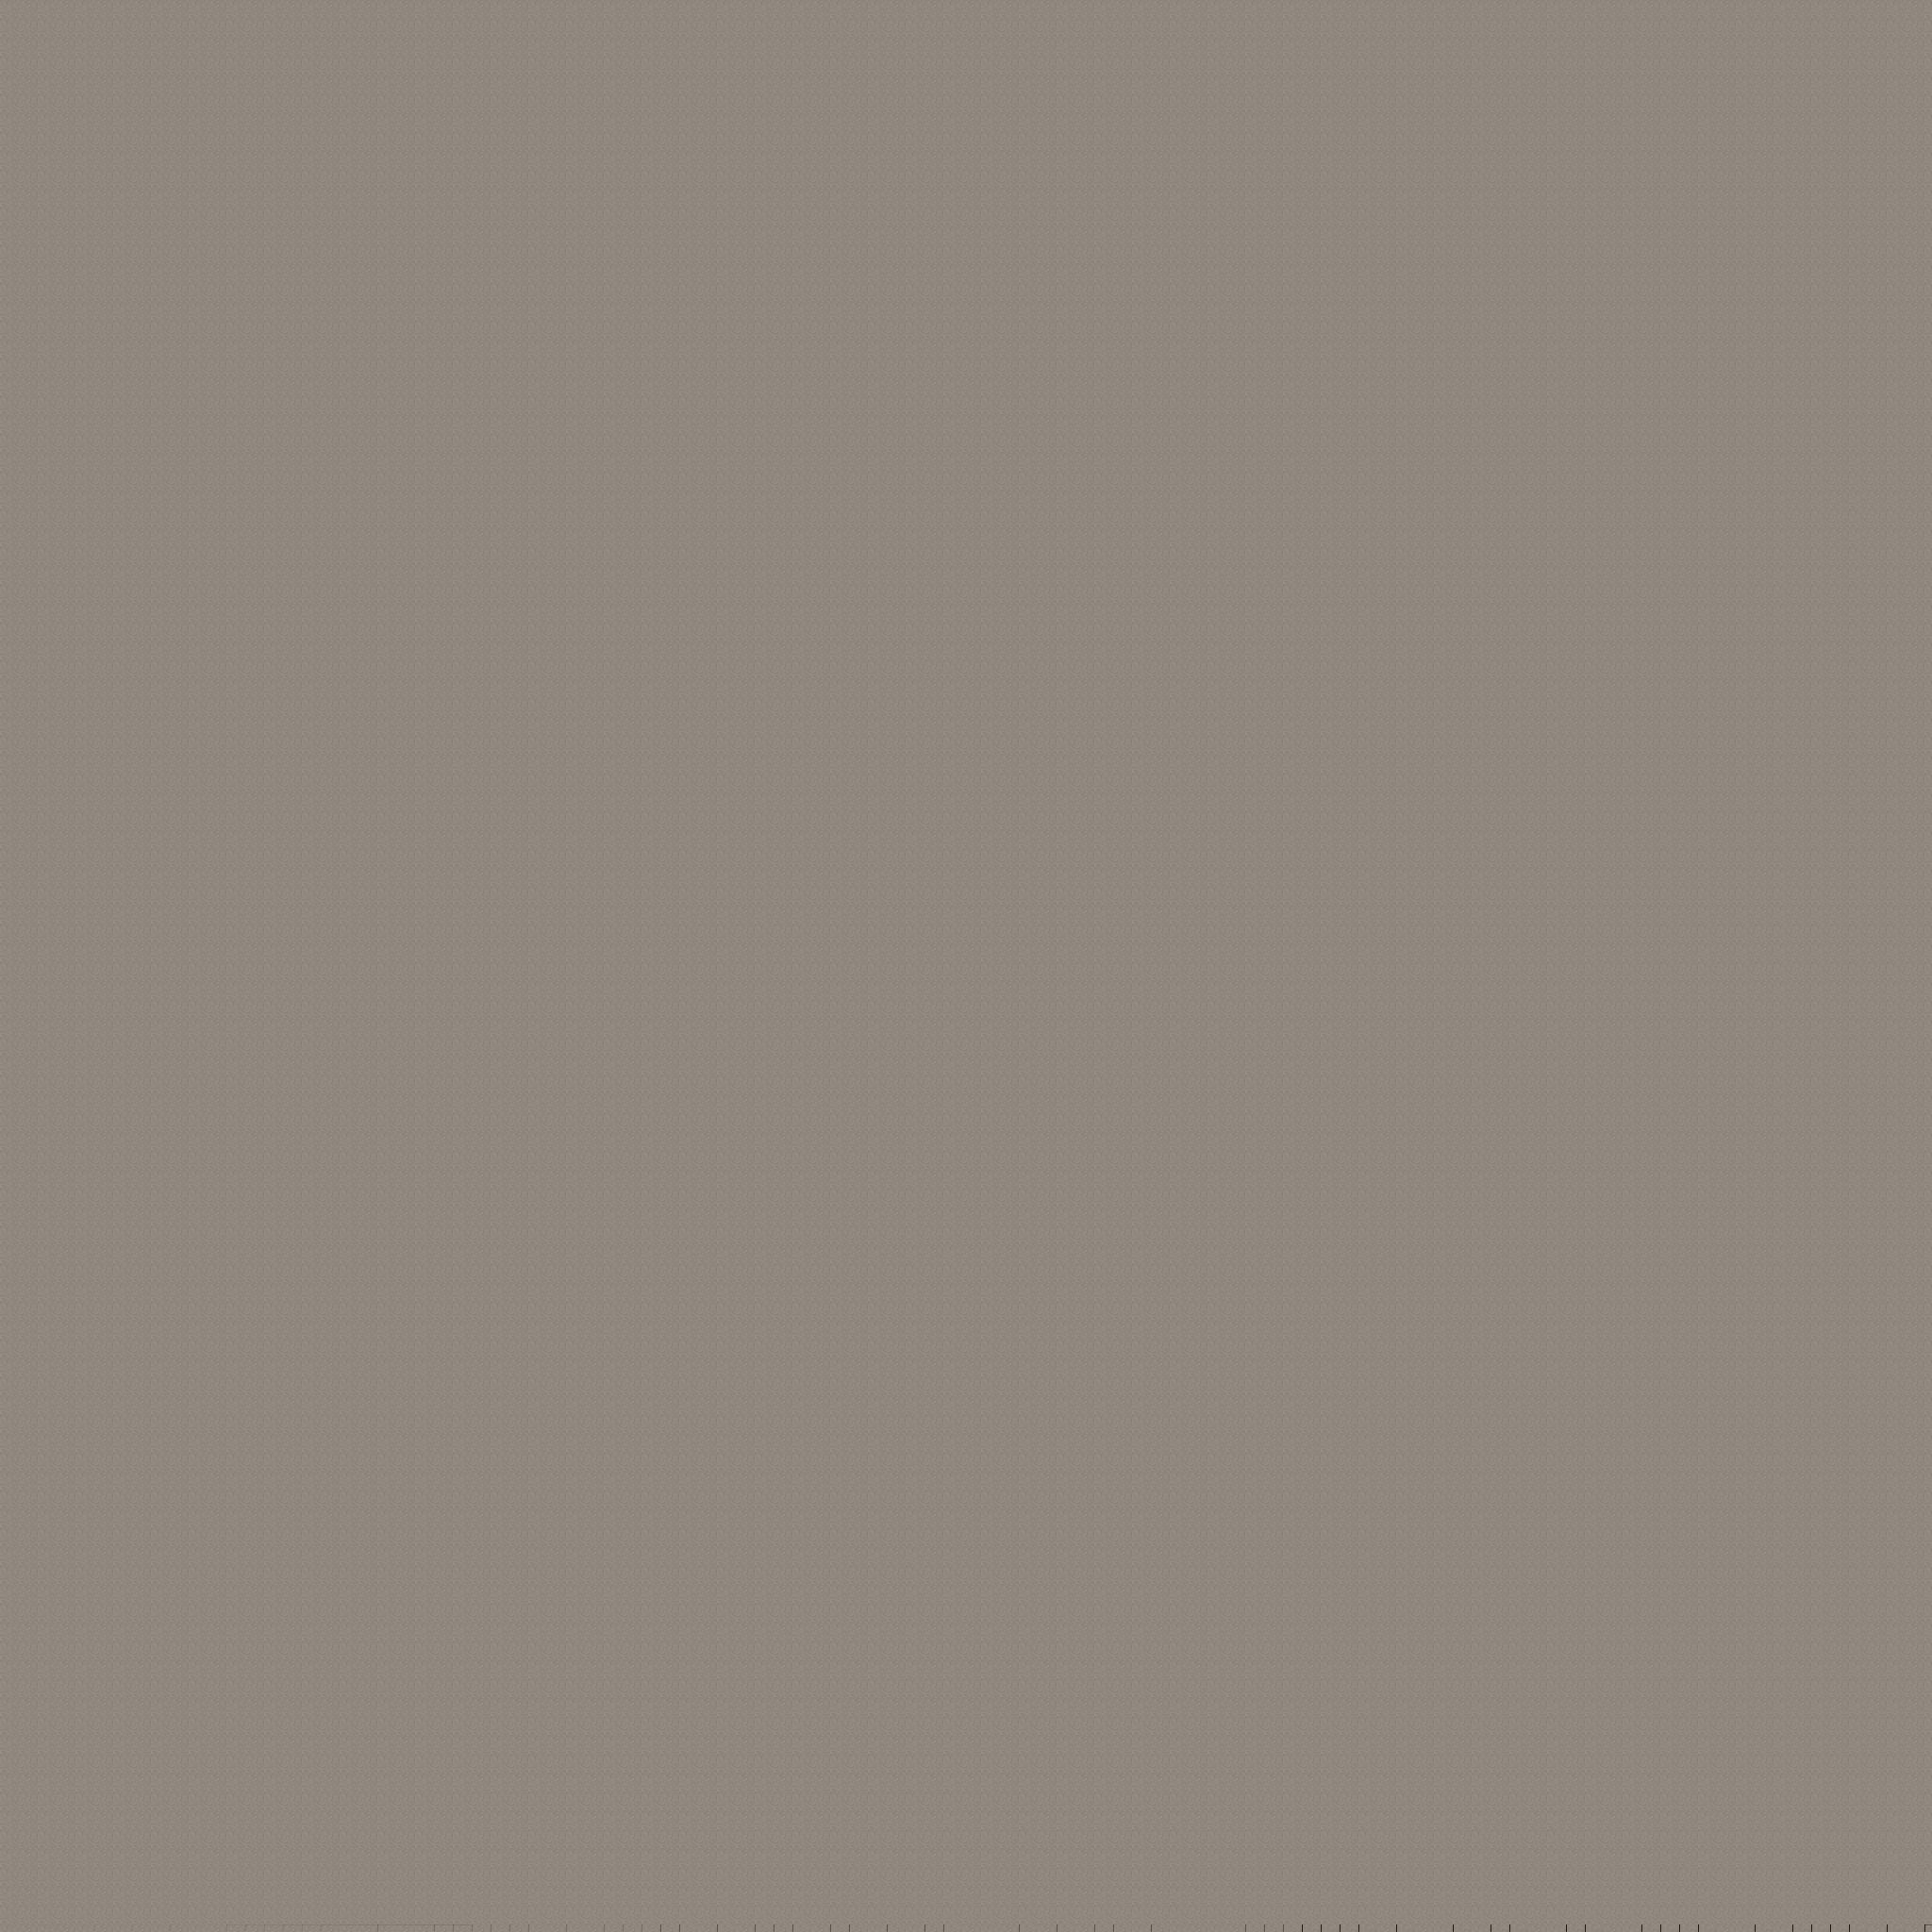 Una Ground Control Ideal grey/beige